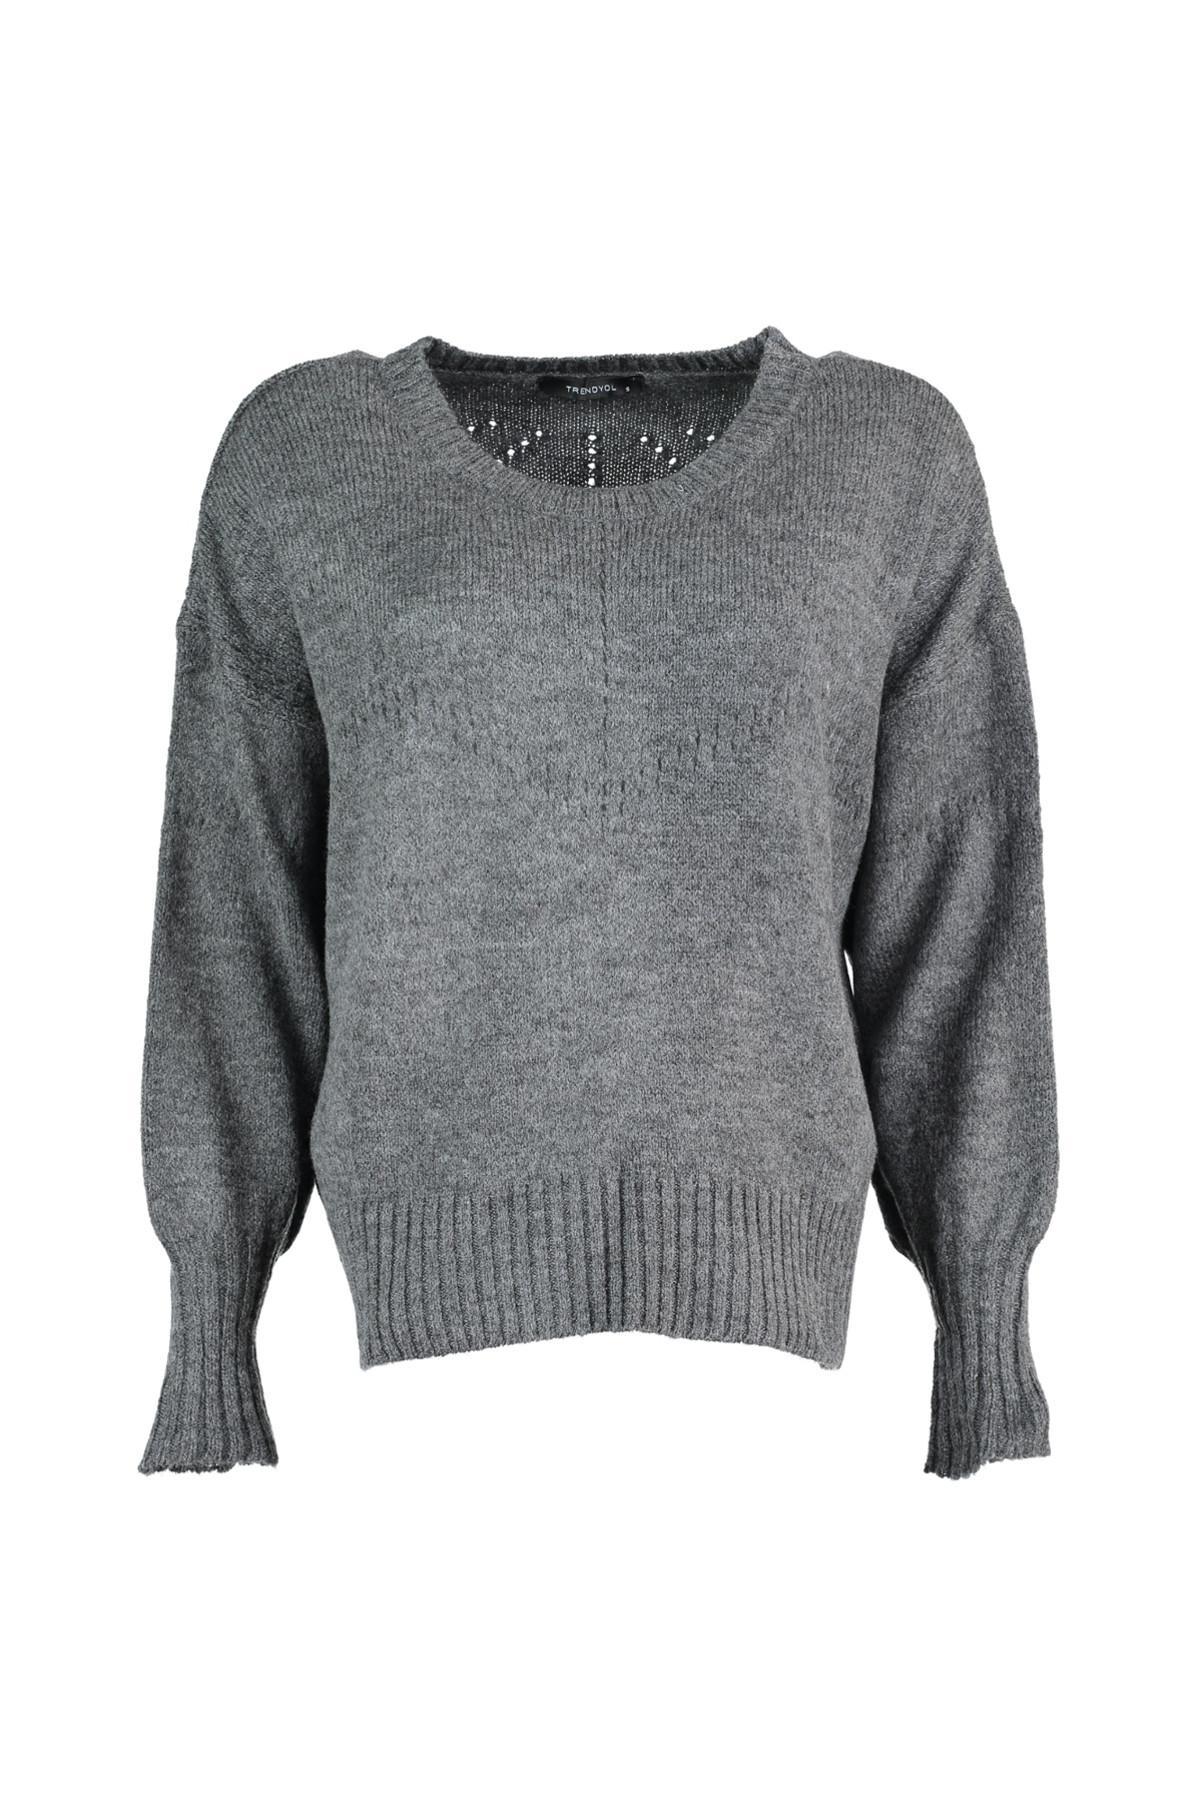 Trendyol WOMEN-Anthracite Mesh Detayl? Knitwear Sweater TWOAW20ZA0006